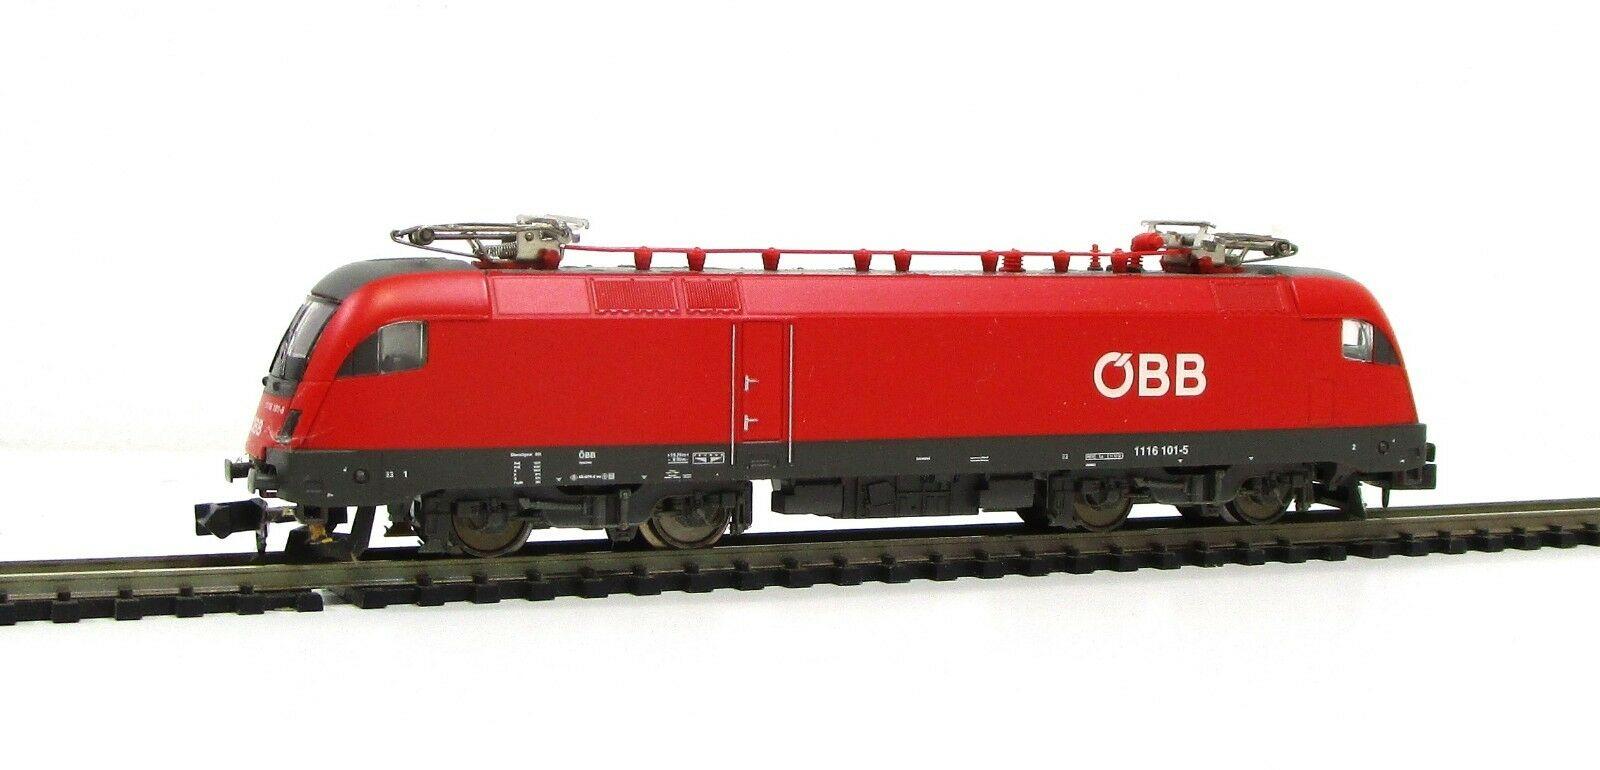 画像2: 鉄道模型 ミニトリックス MiniTrix 12764 OBB BR 1116 101-5 電気機関車 Nゲージ